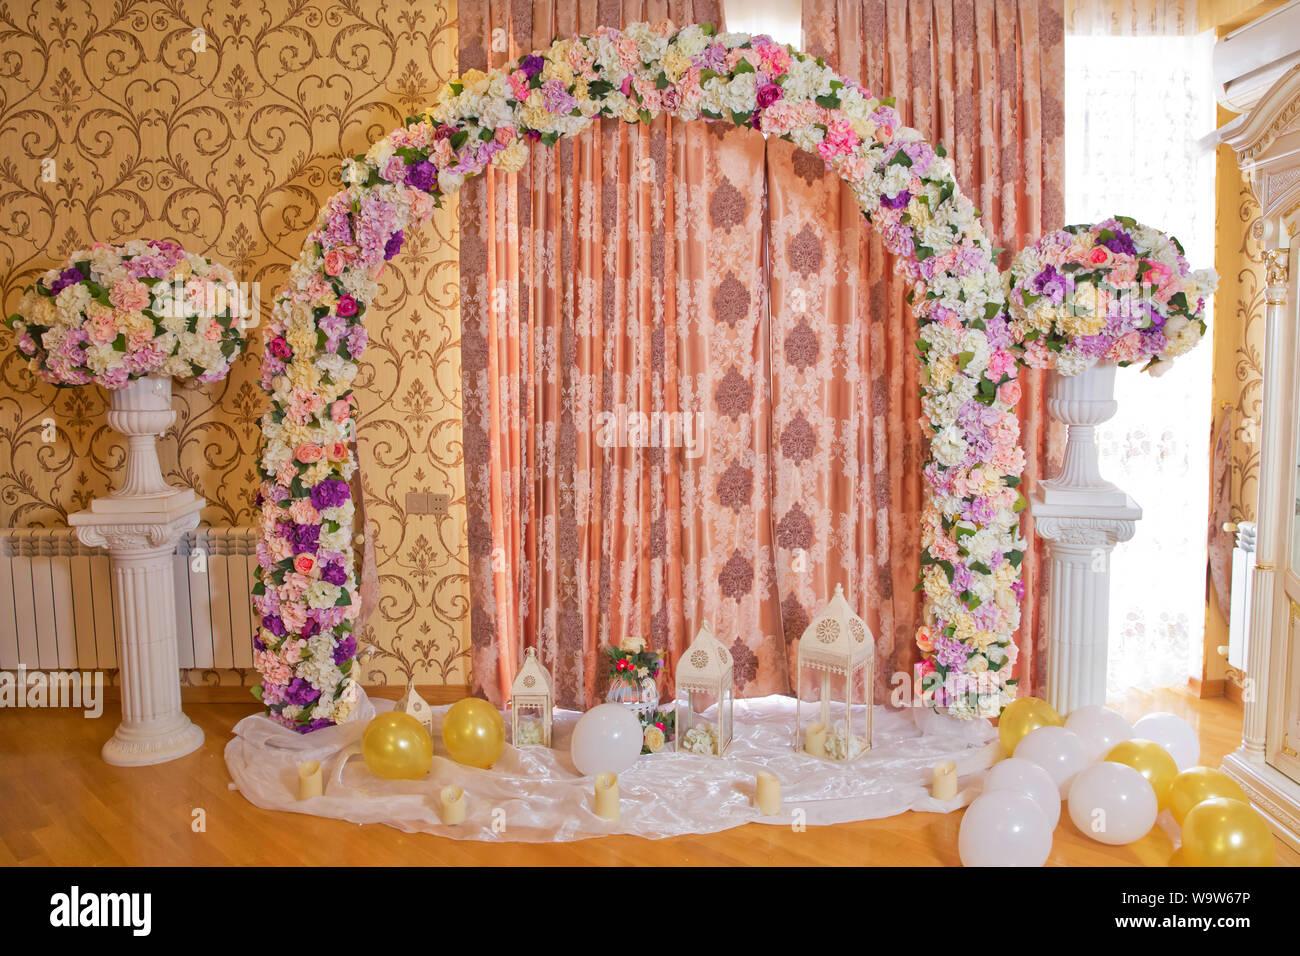 Hochzeit Arch Im Innenbereich Festliche Dekorationen Mit Bunte Blumen Und Ballons Auf Rosa Hintergrund Arch Dekor Hochzeit Arch Dekoriert Mit Rosa Blume Stockfotografie Alamy